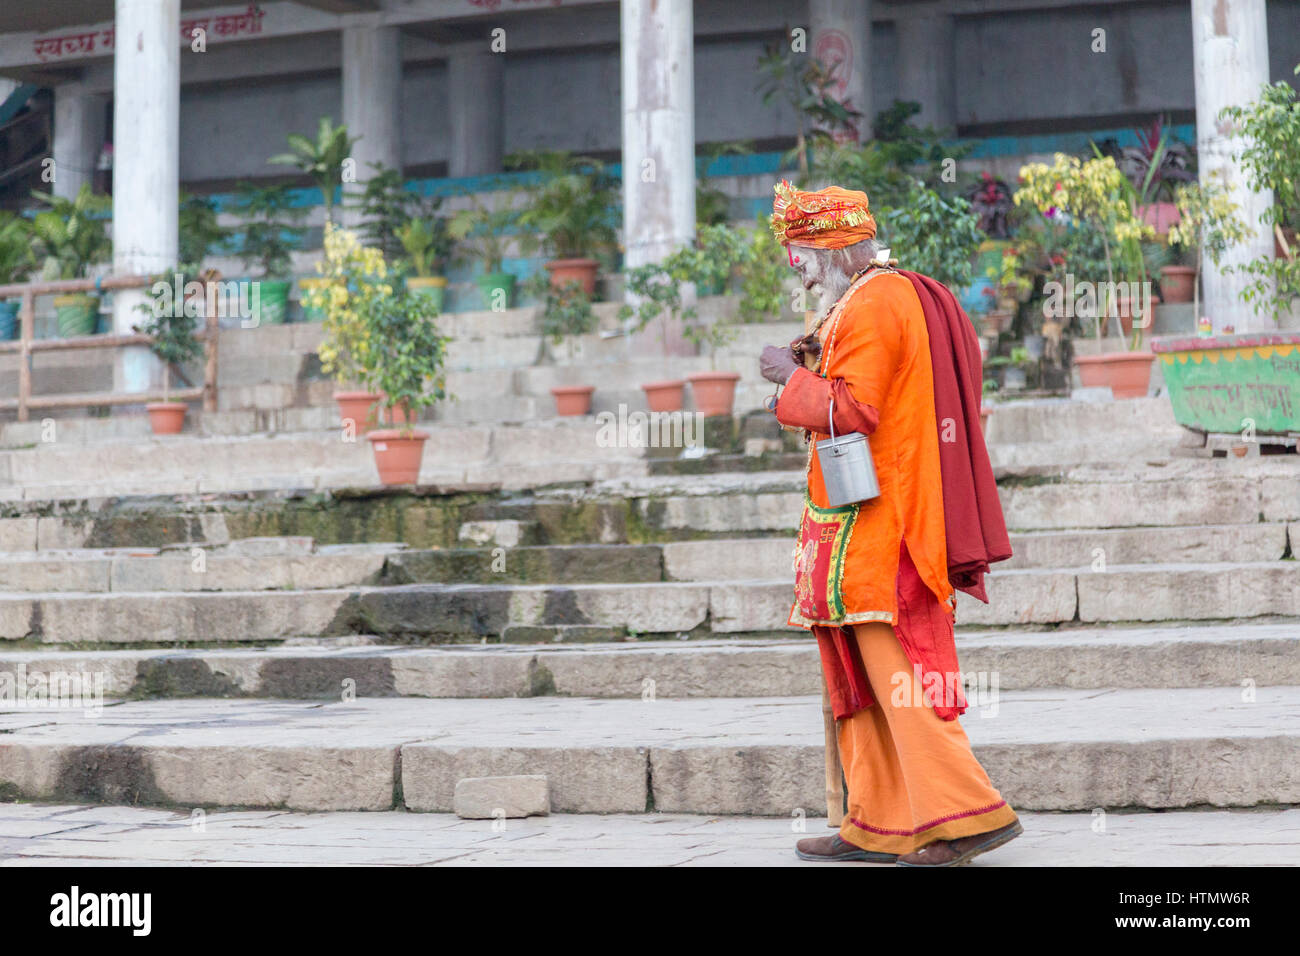 Sadhu at the Manmandir Ghat at the Ganges, Varanasi, Uttar Pradesh, India - Stock Image